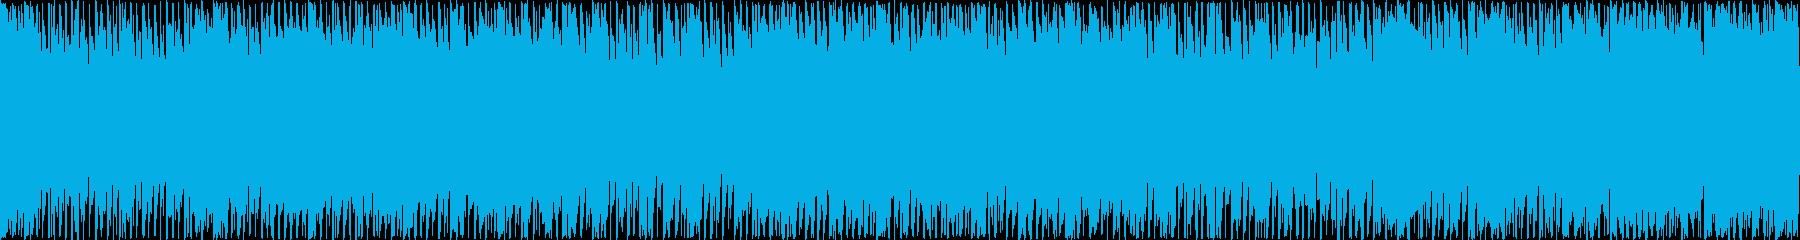 初代ぷよぷよのようなパズルゲーム ループの再生済みの波形